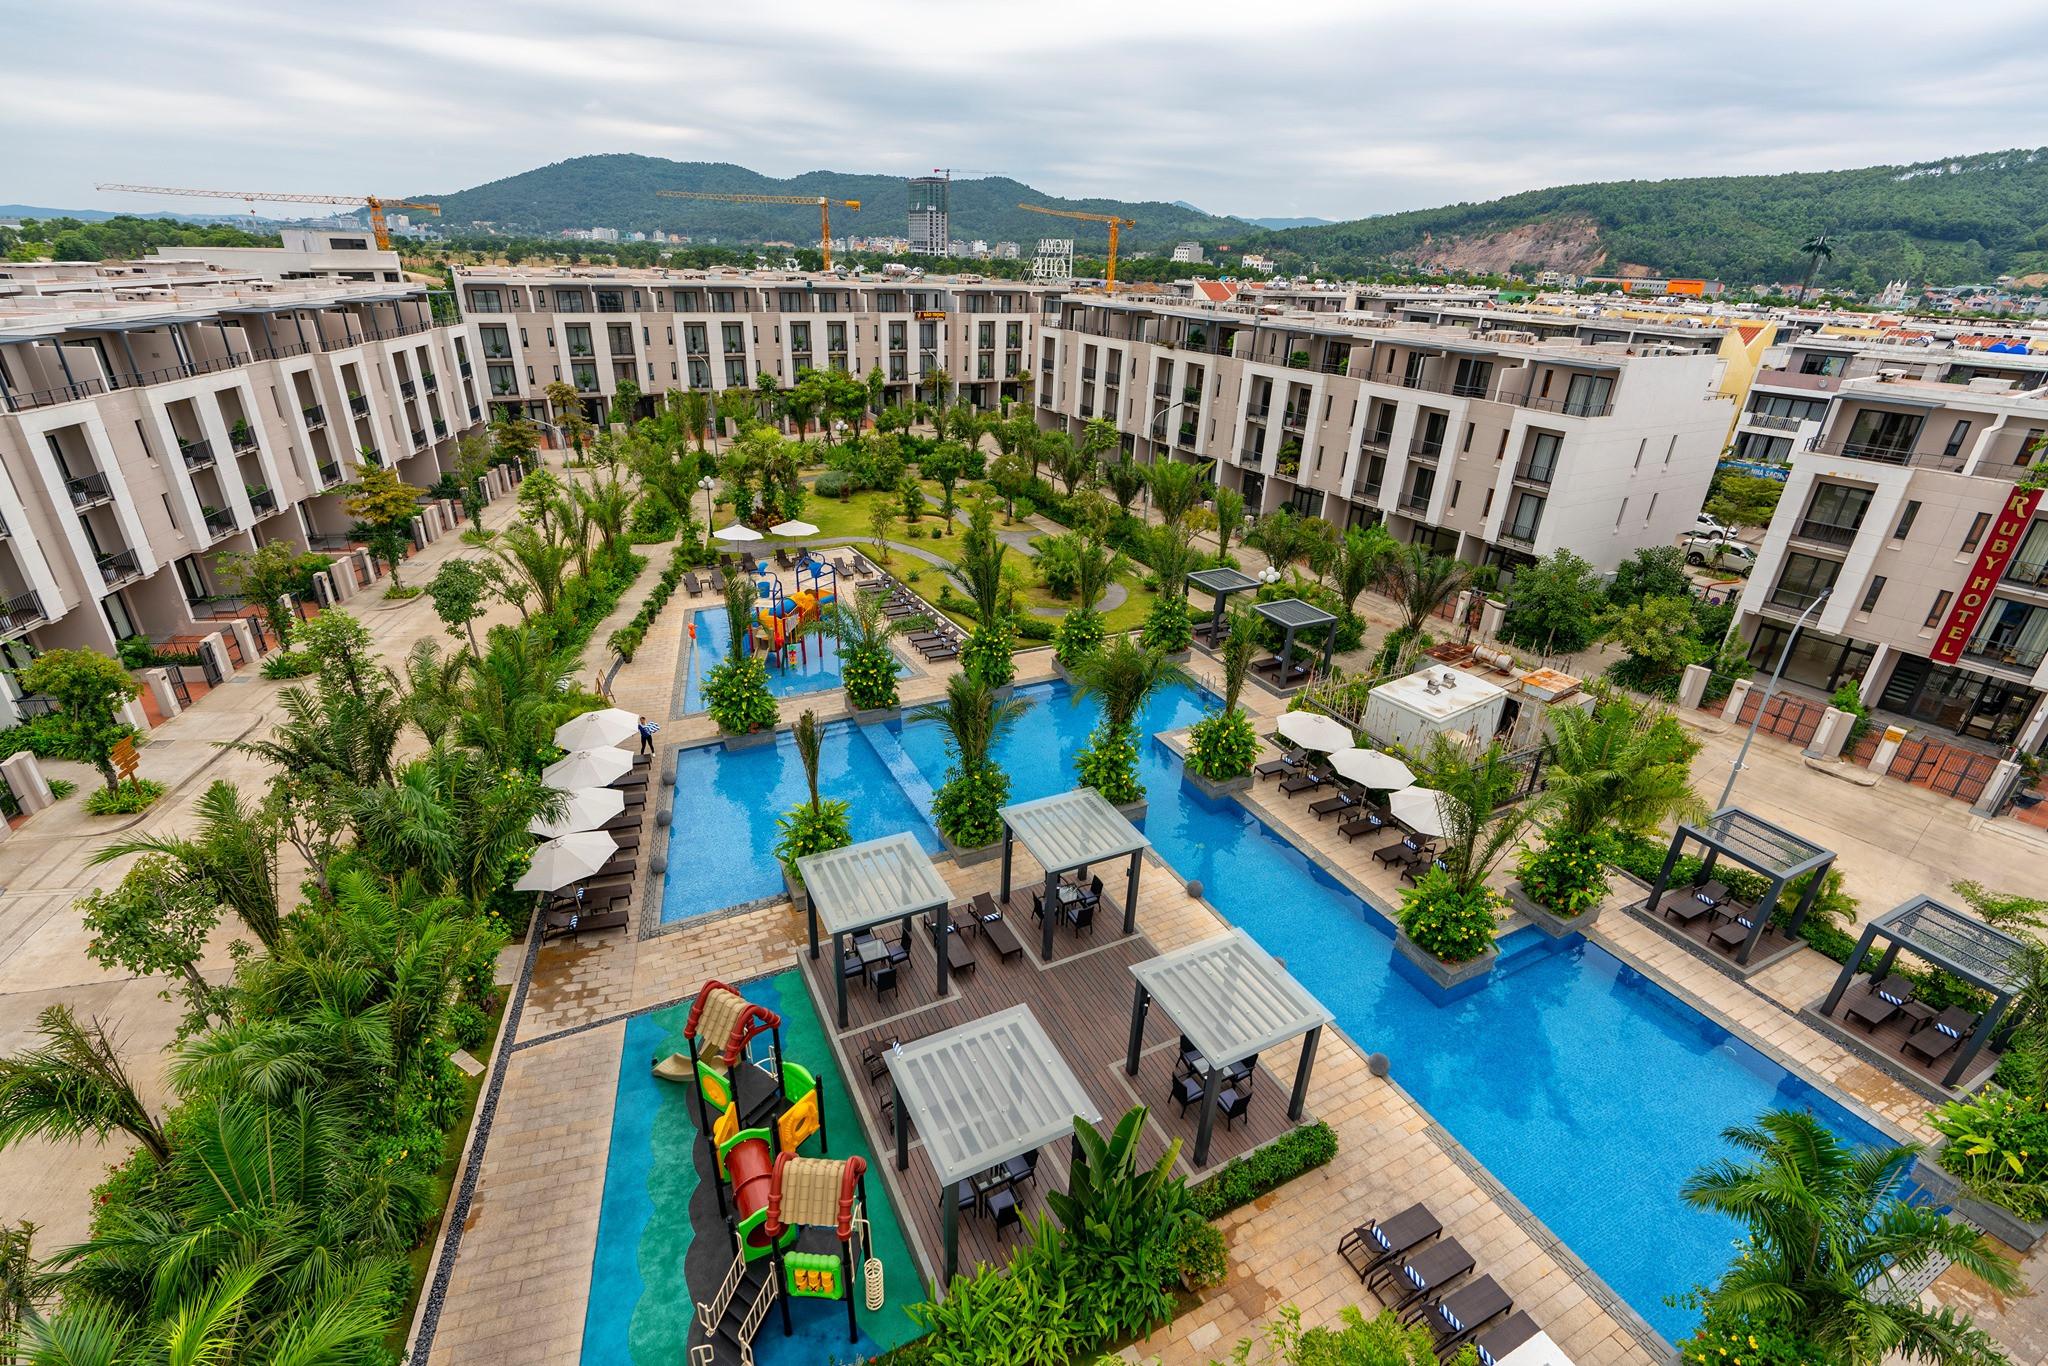 Kỳ du lịch trong mơ Royal Lotus Ha Long Resort & Villas chỉ 650,000 VND - ảnh 2